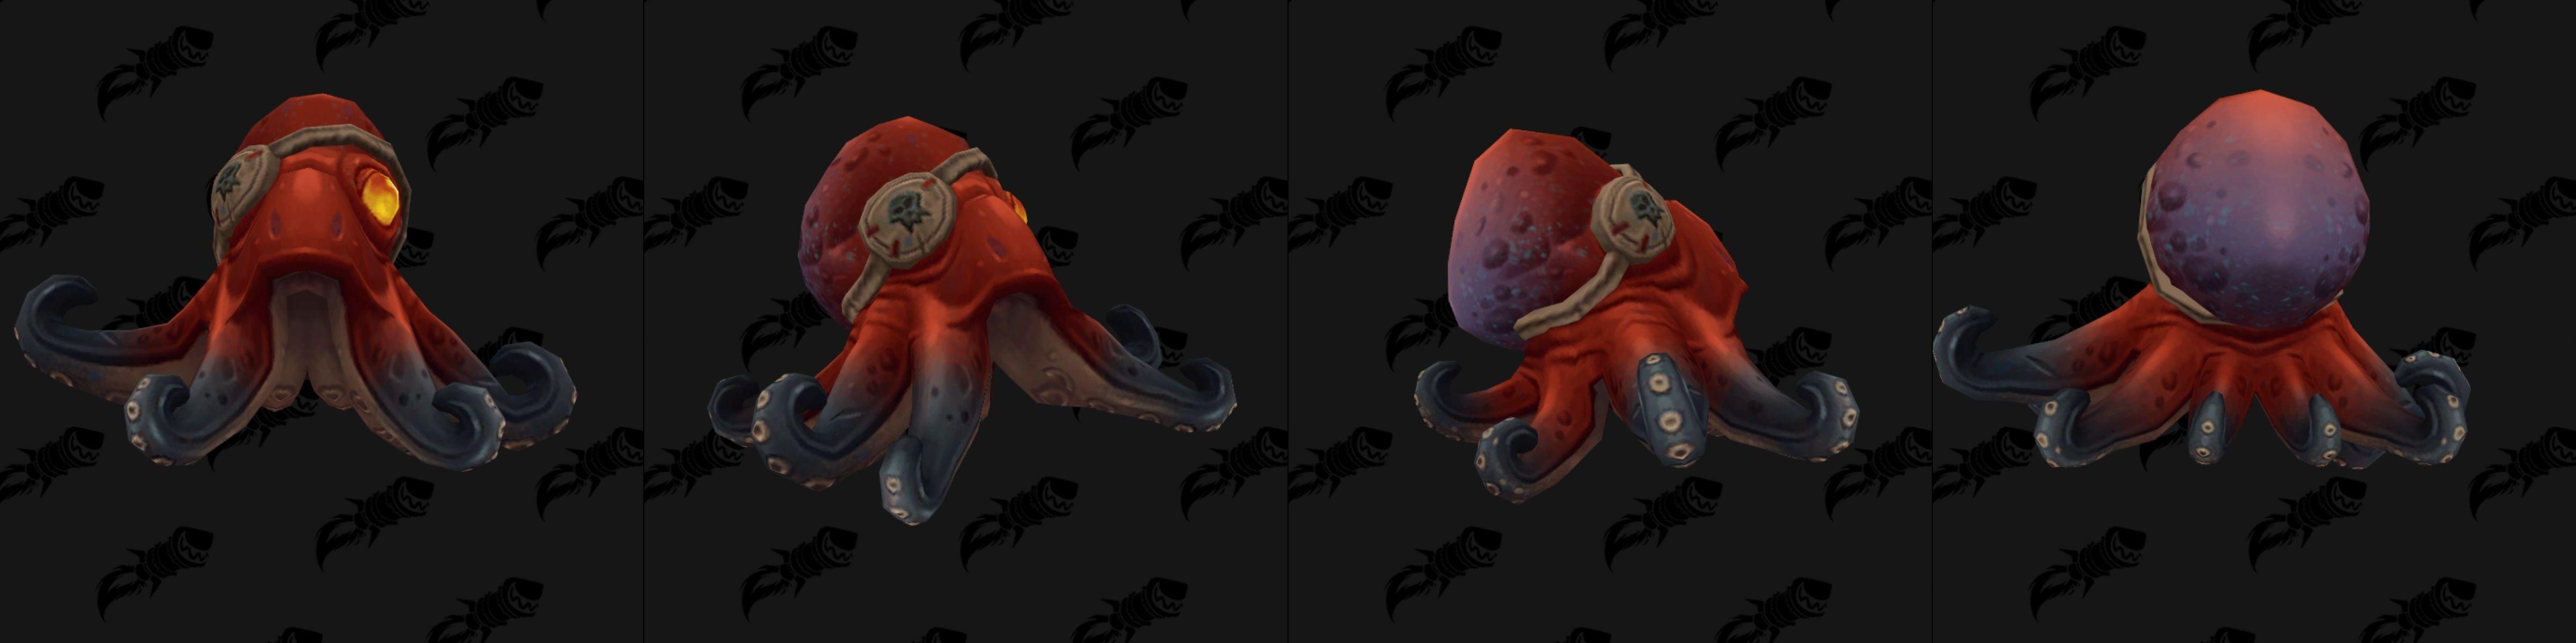 Bébé pieuvre dans Battle for Azeroth coloris rouge